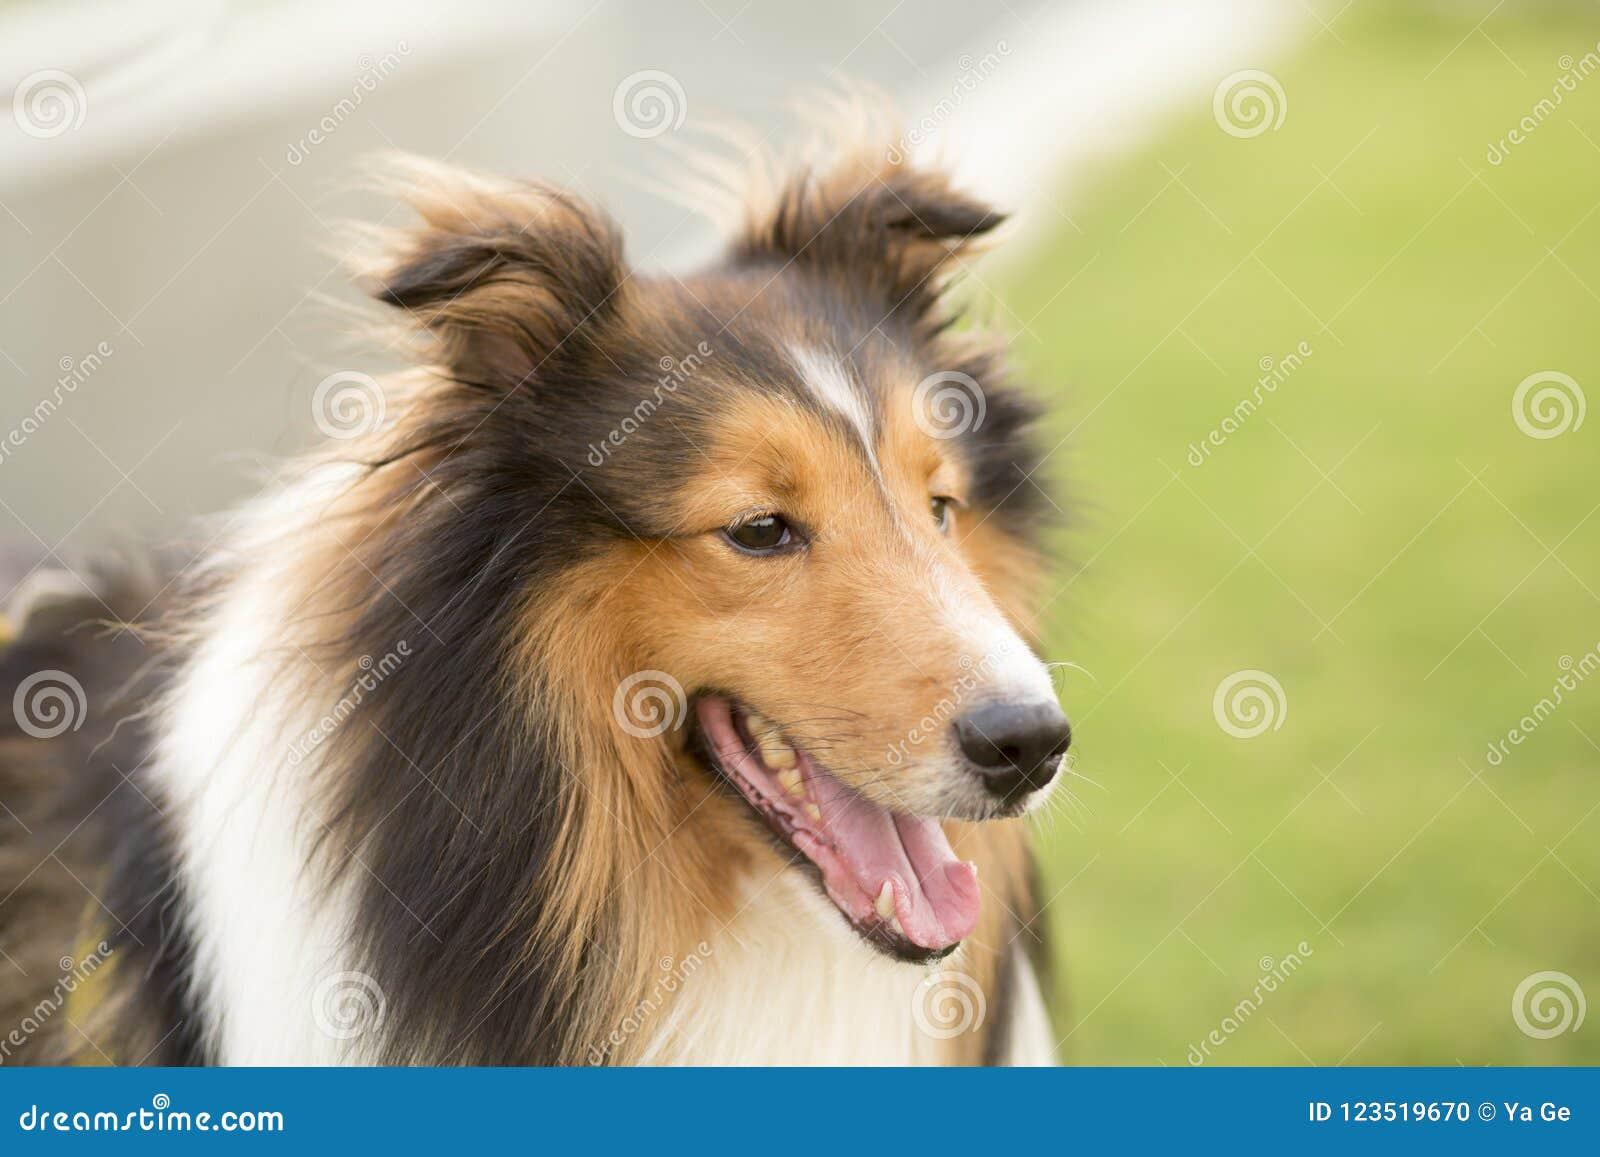 Cane da pastore della Scozia